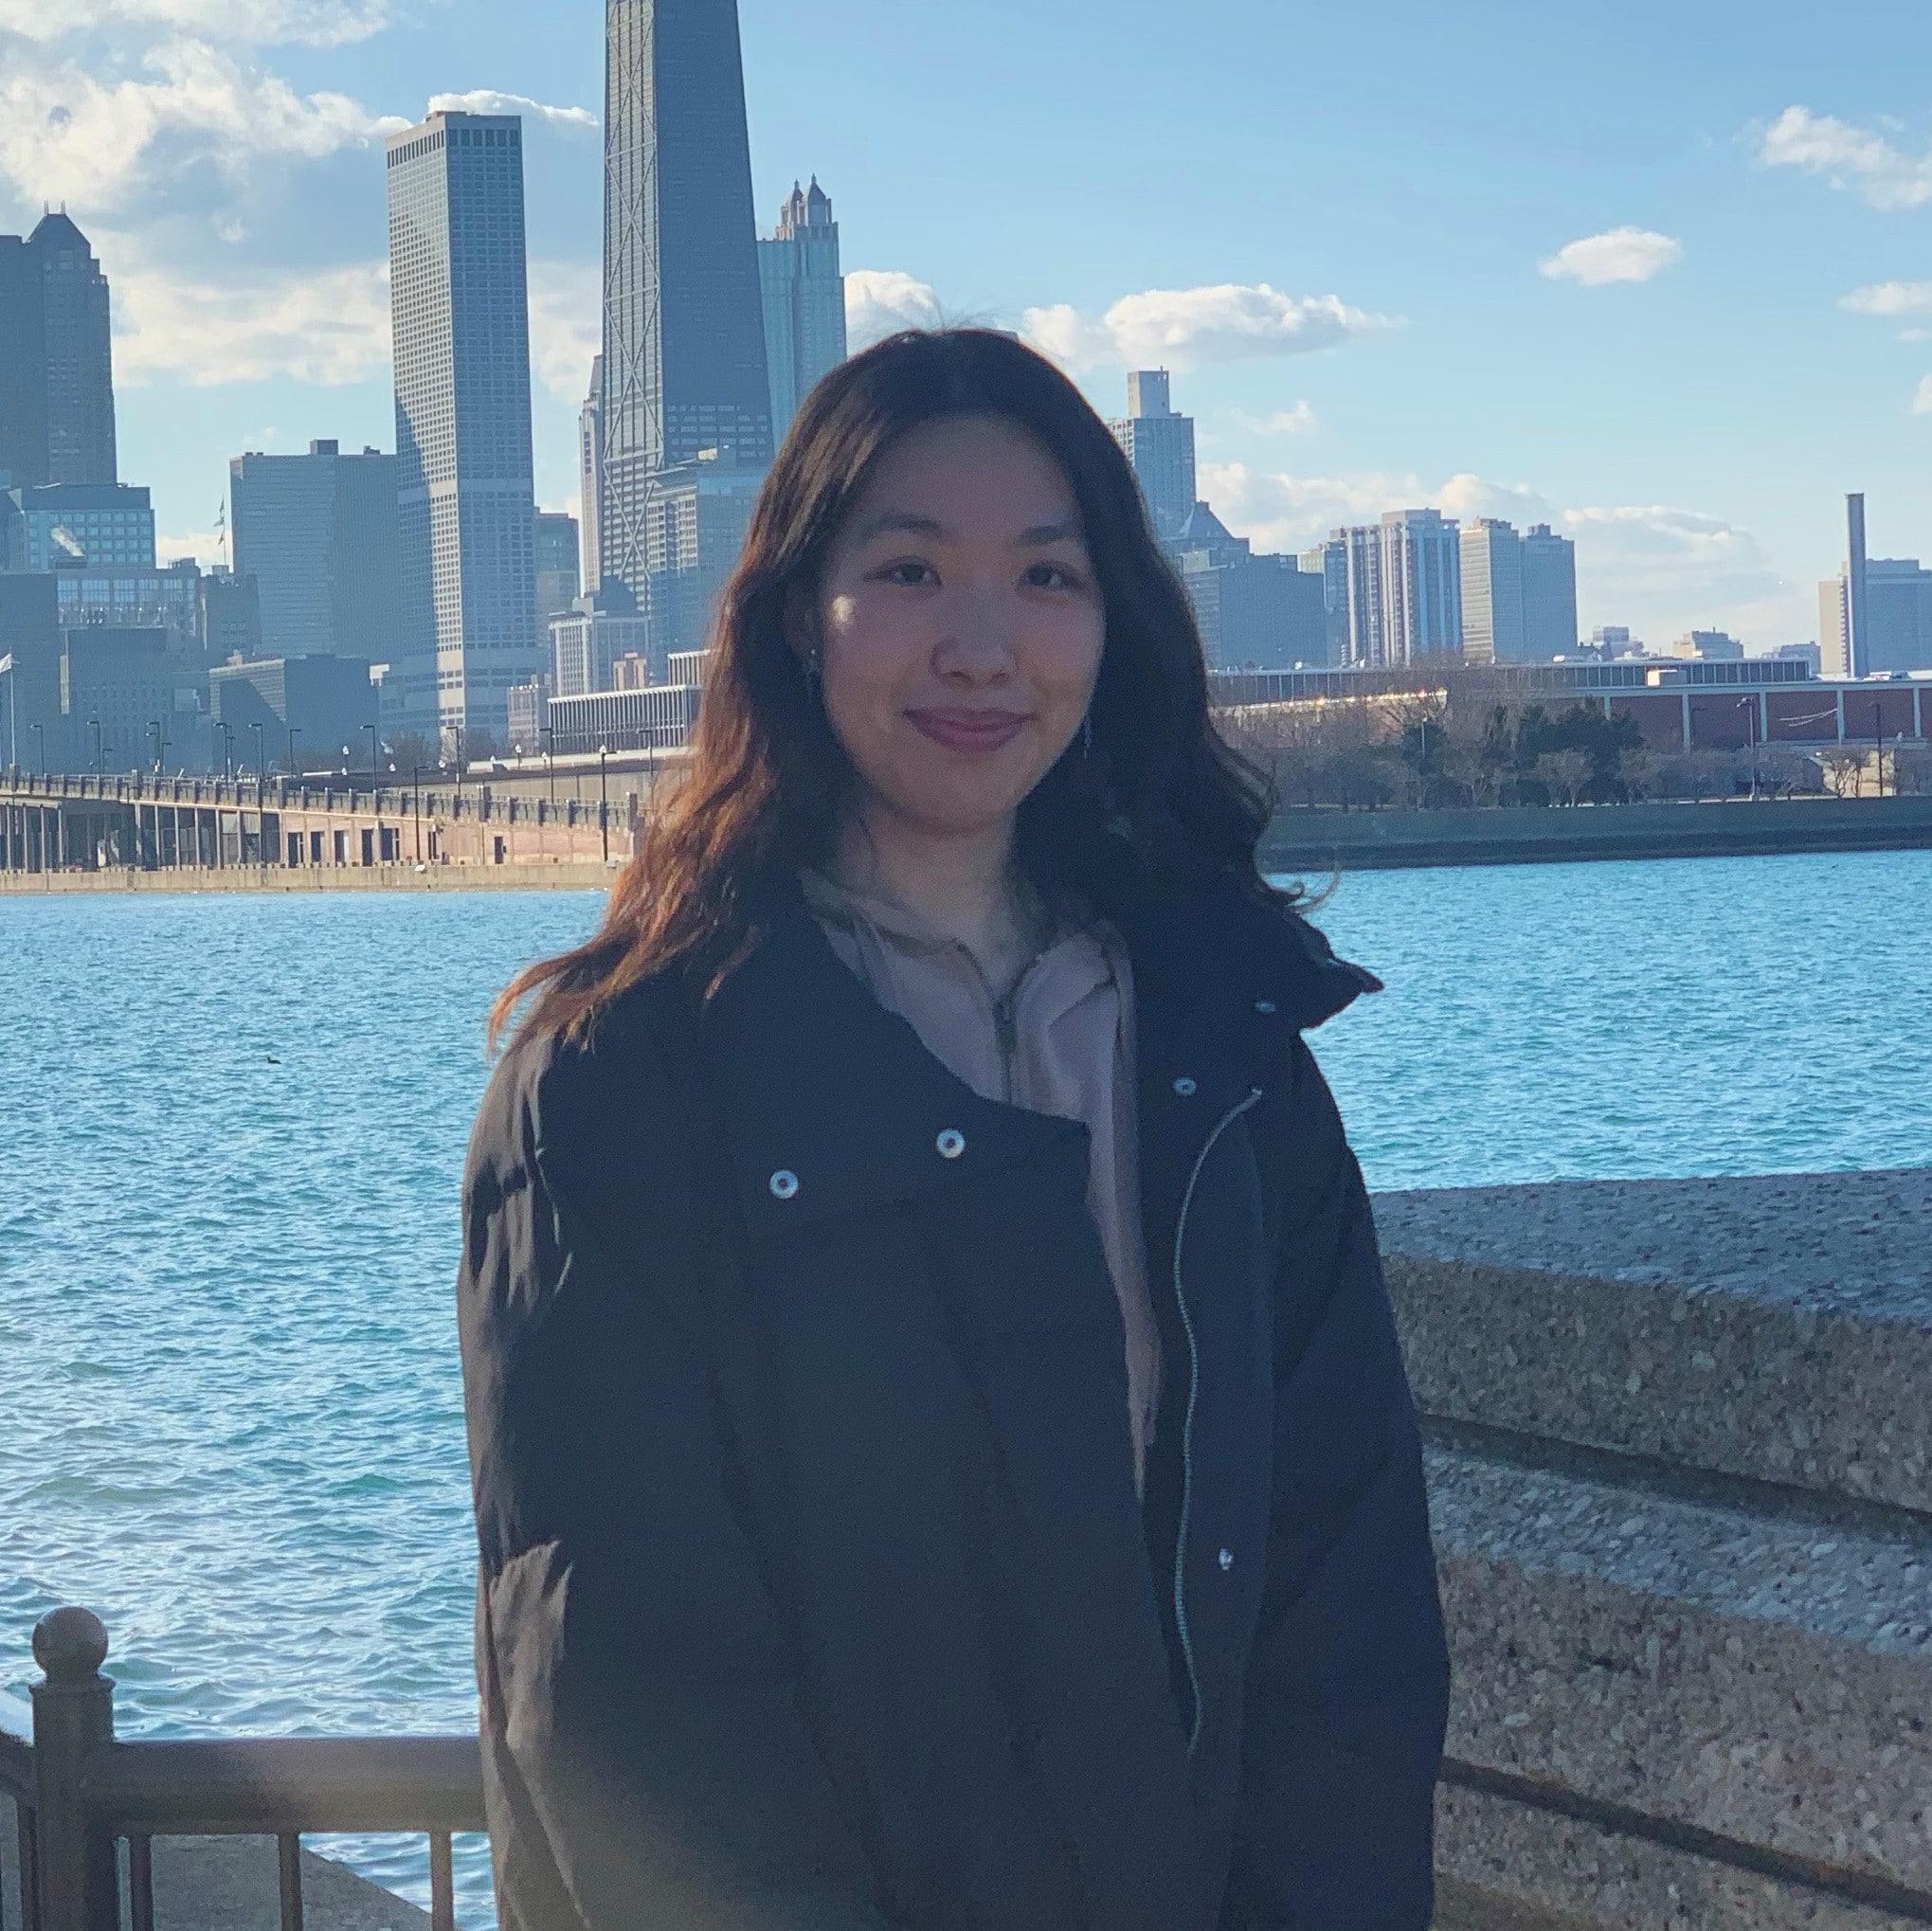 Kiera Yu